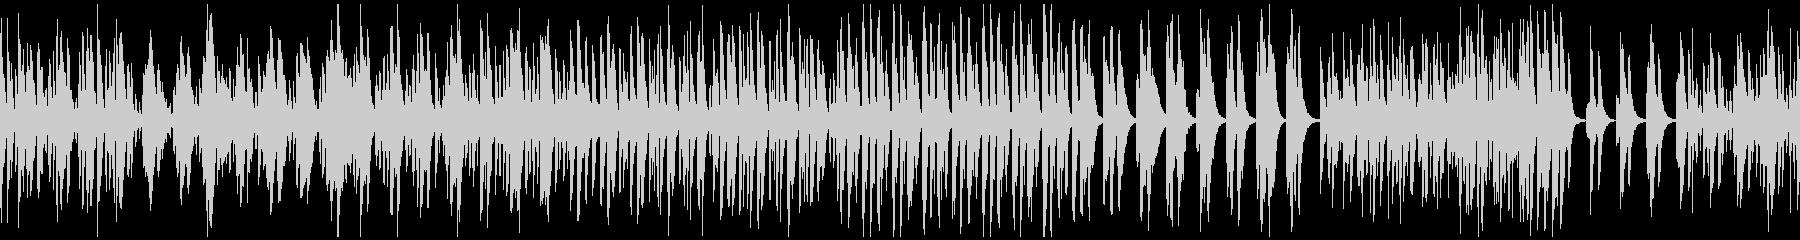 春のほのぼのとしたピチカート曲 ループの未再生の波形